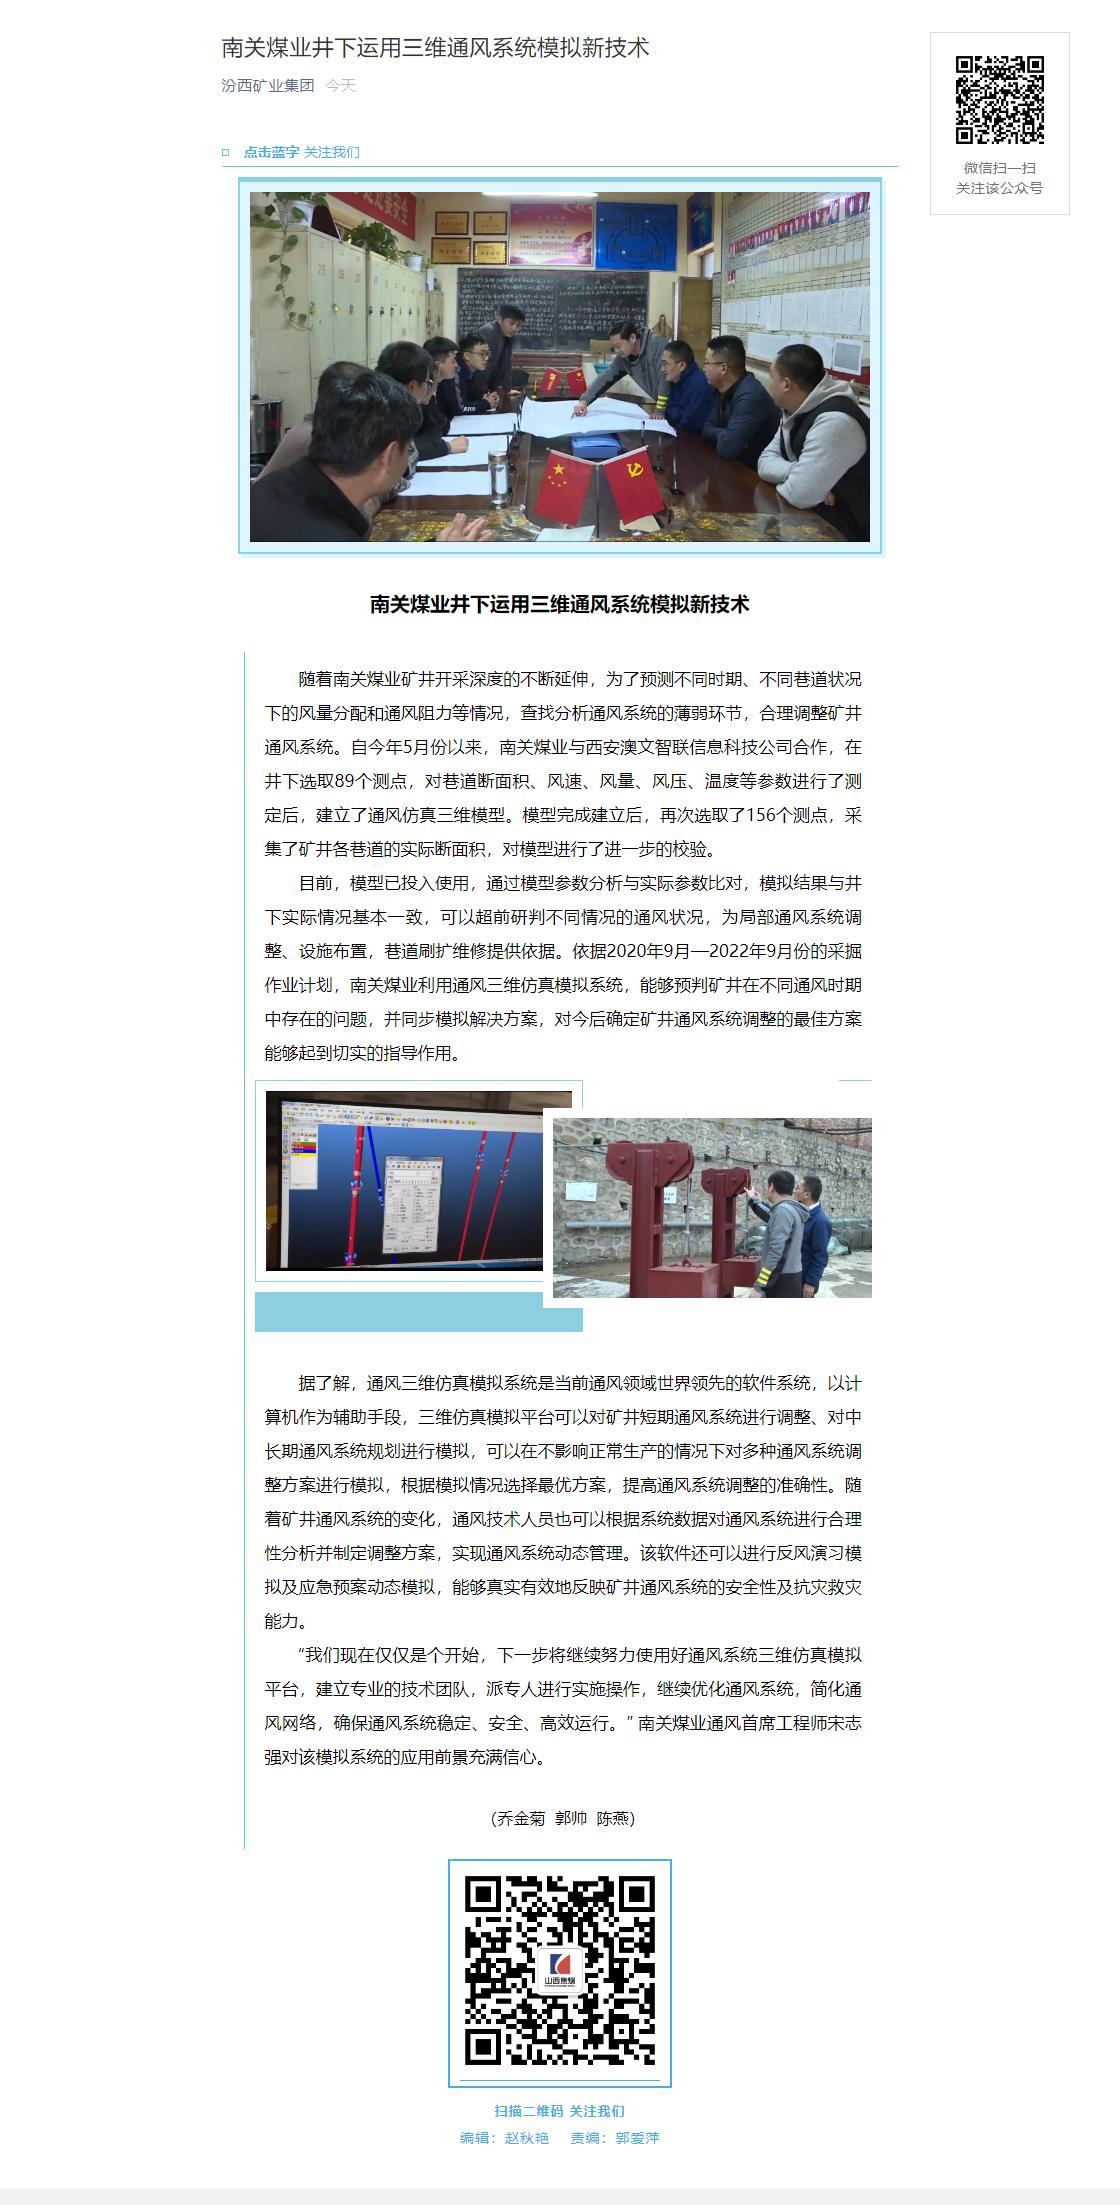 南关煤业井下运用三维通风系统模拟新技术.png